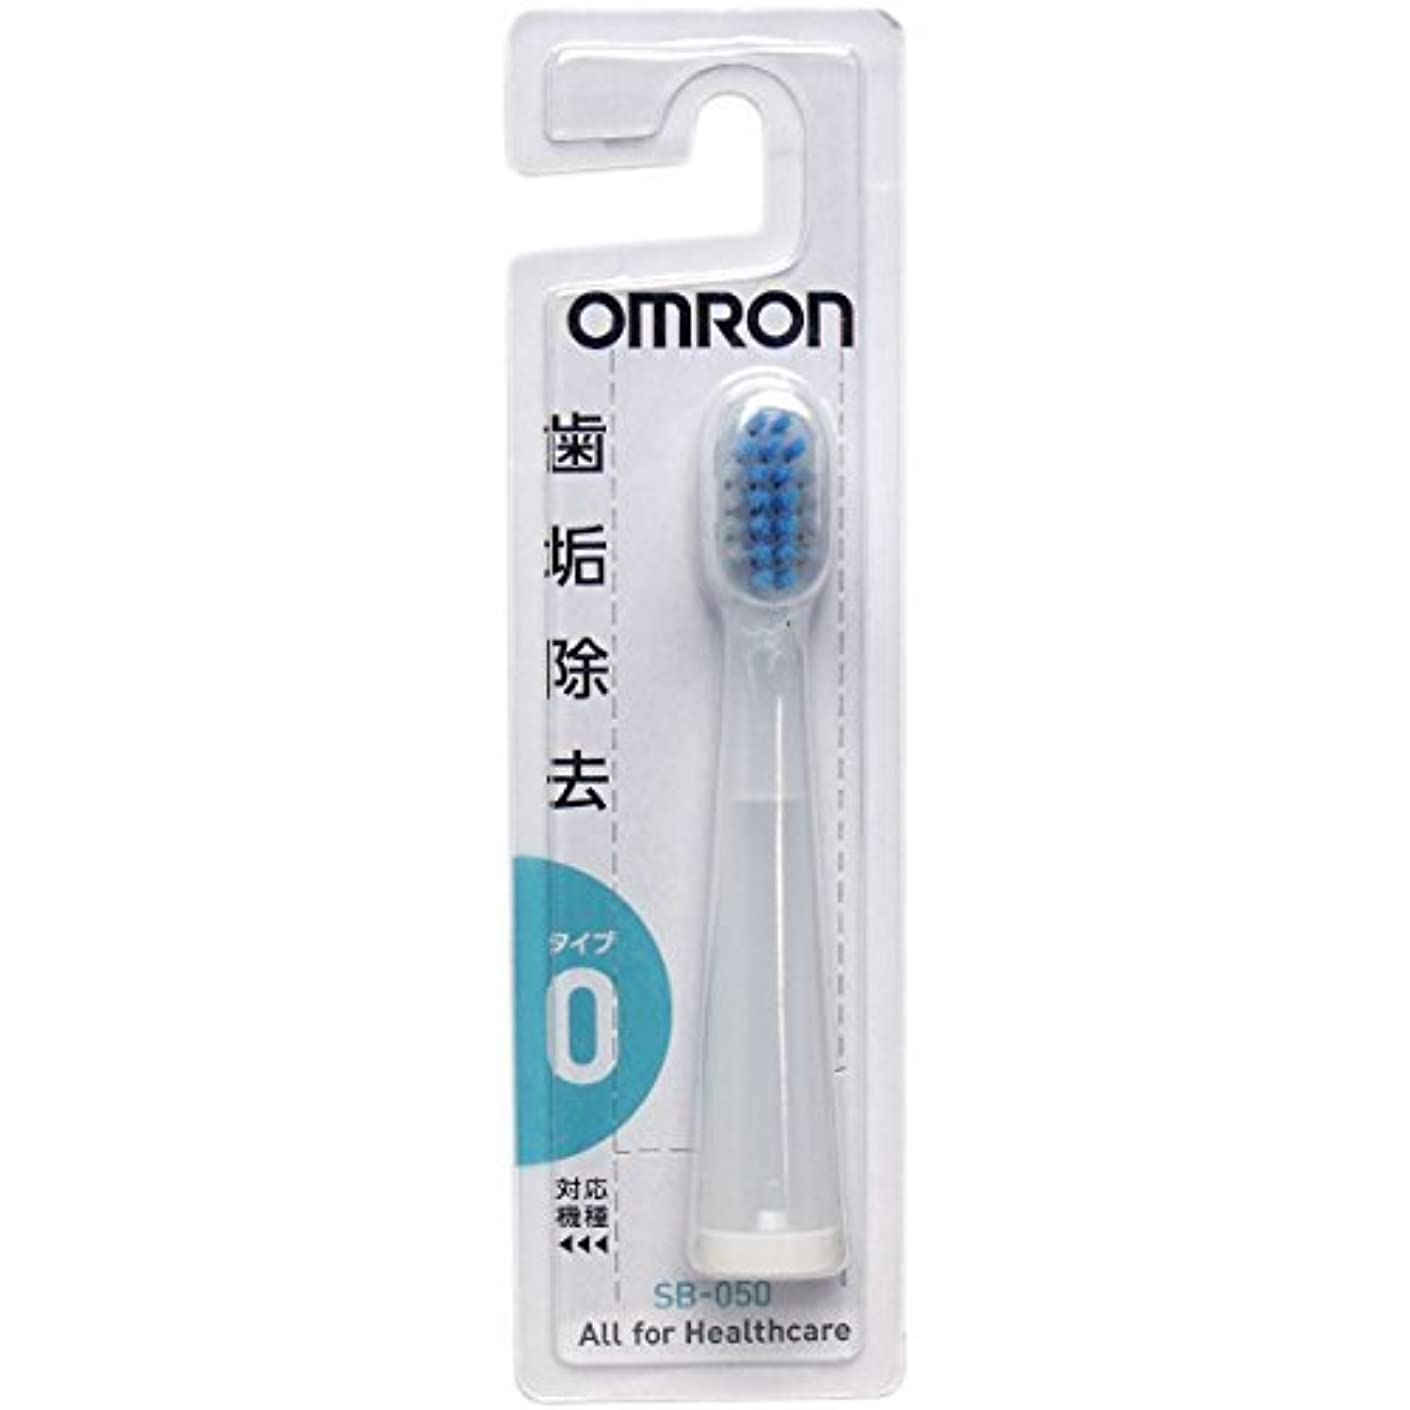 先見の明満たす領域オムロン 音波式電動歯ブラシ用 ダブルメリットブラシ 1個入 SB-050